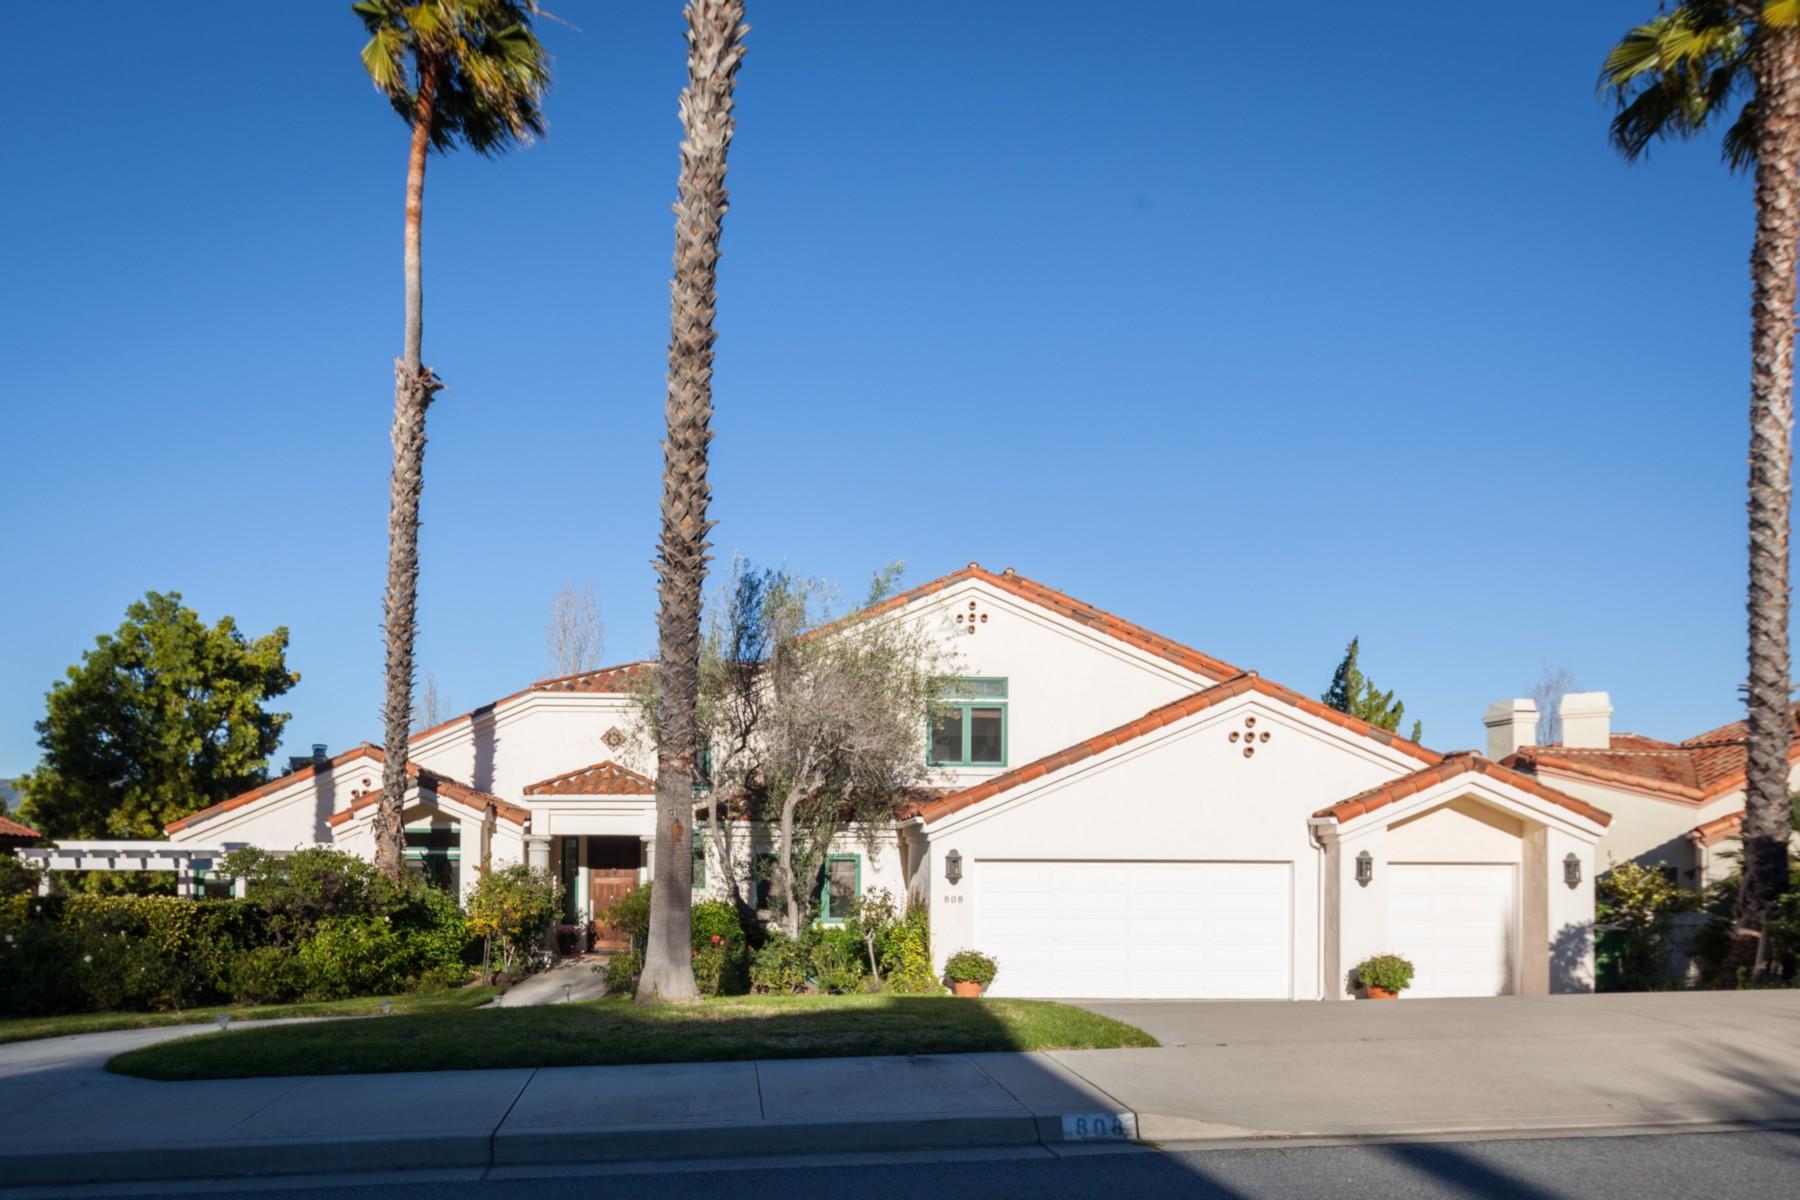 Single Family Home for Sale at 808 Greystone, San Luis Obispo San Luis Obispo, California 93401 United States